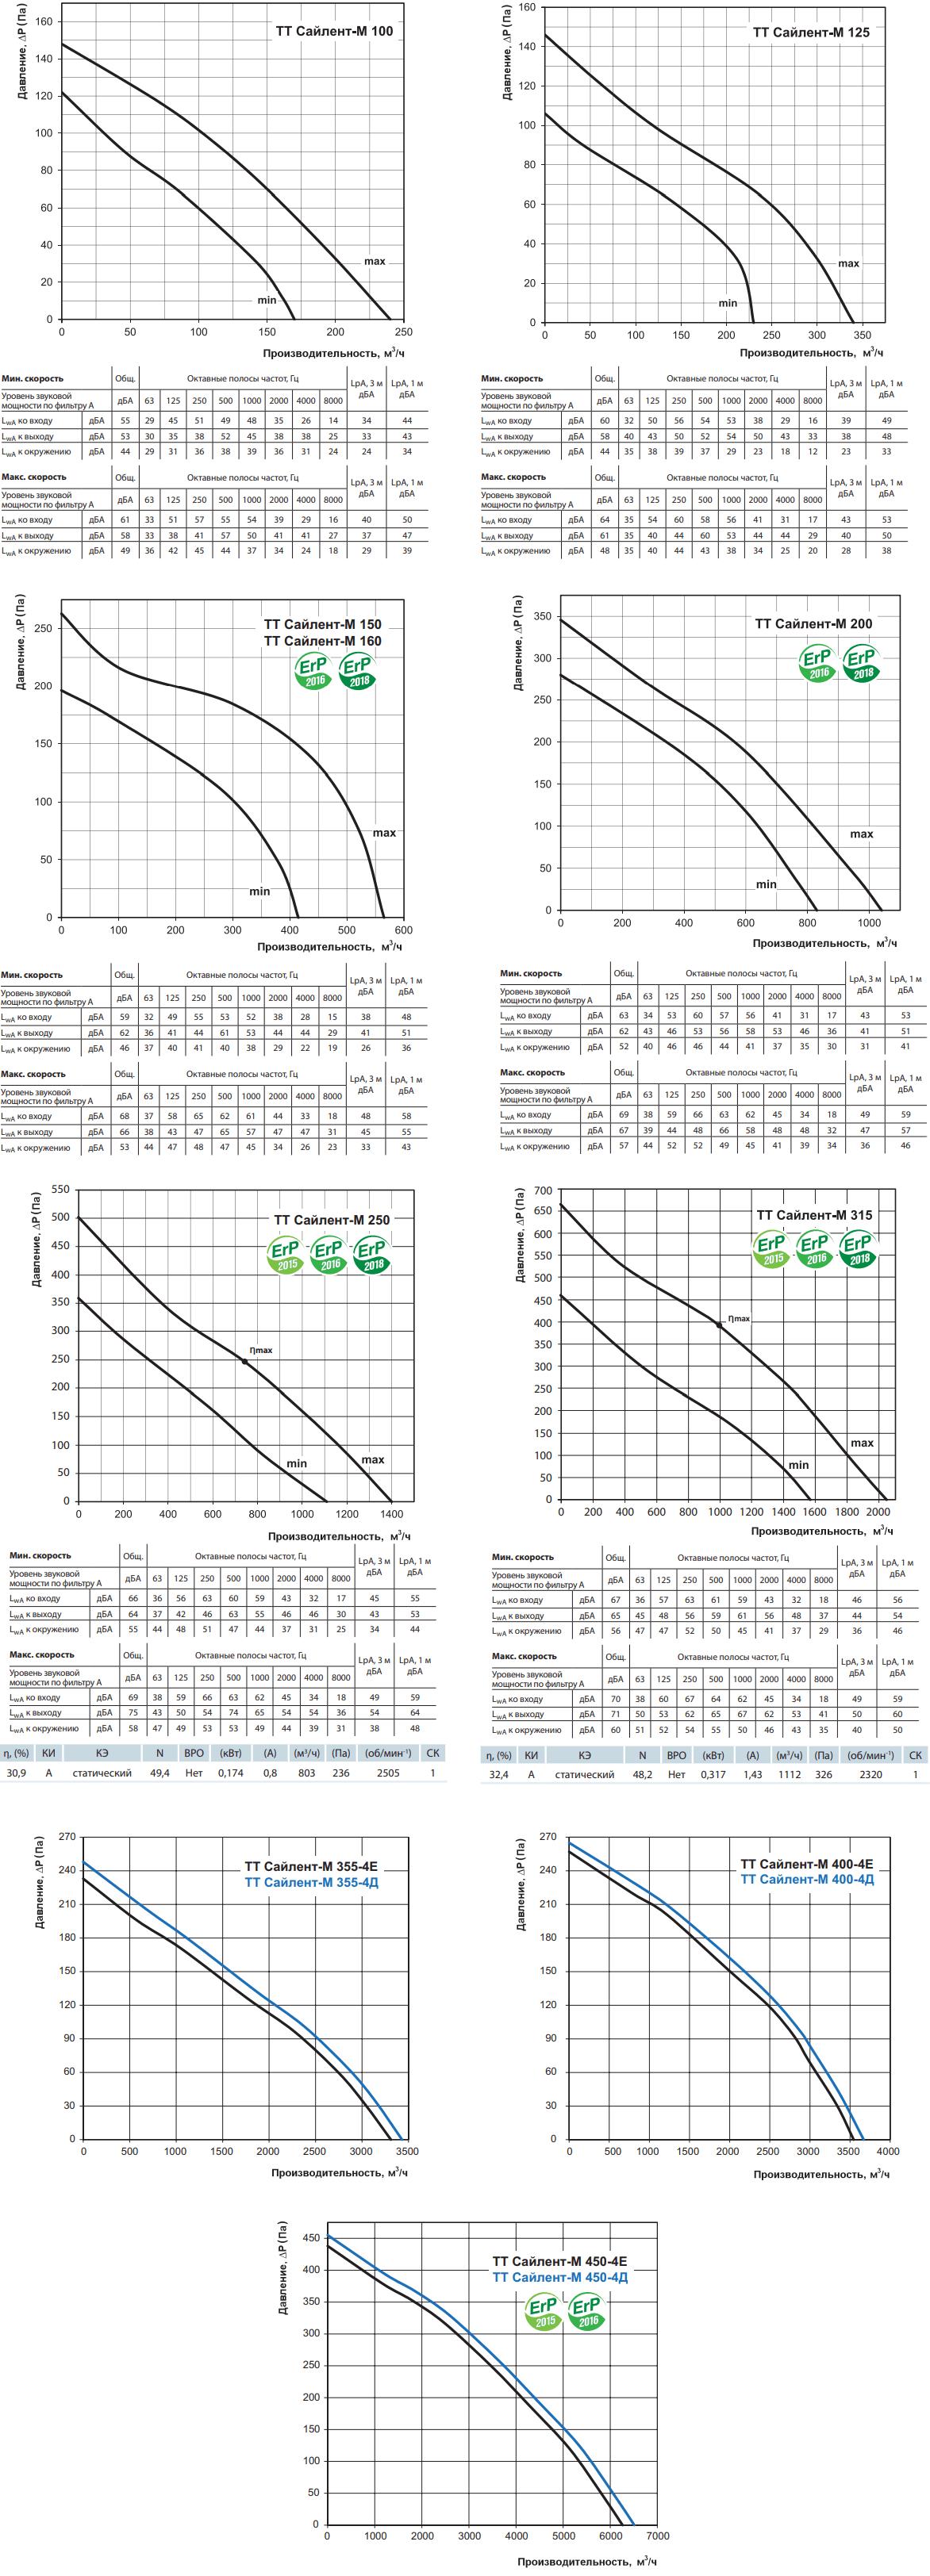 Шумоизолированный канальный вентилятор Вентс ТТ Сайлент-М - Аэродинамические характеристики